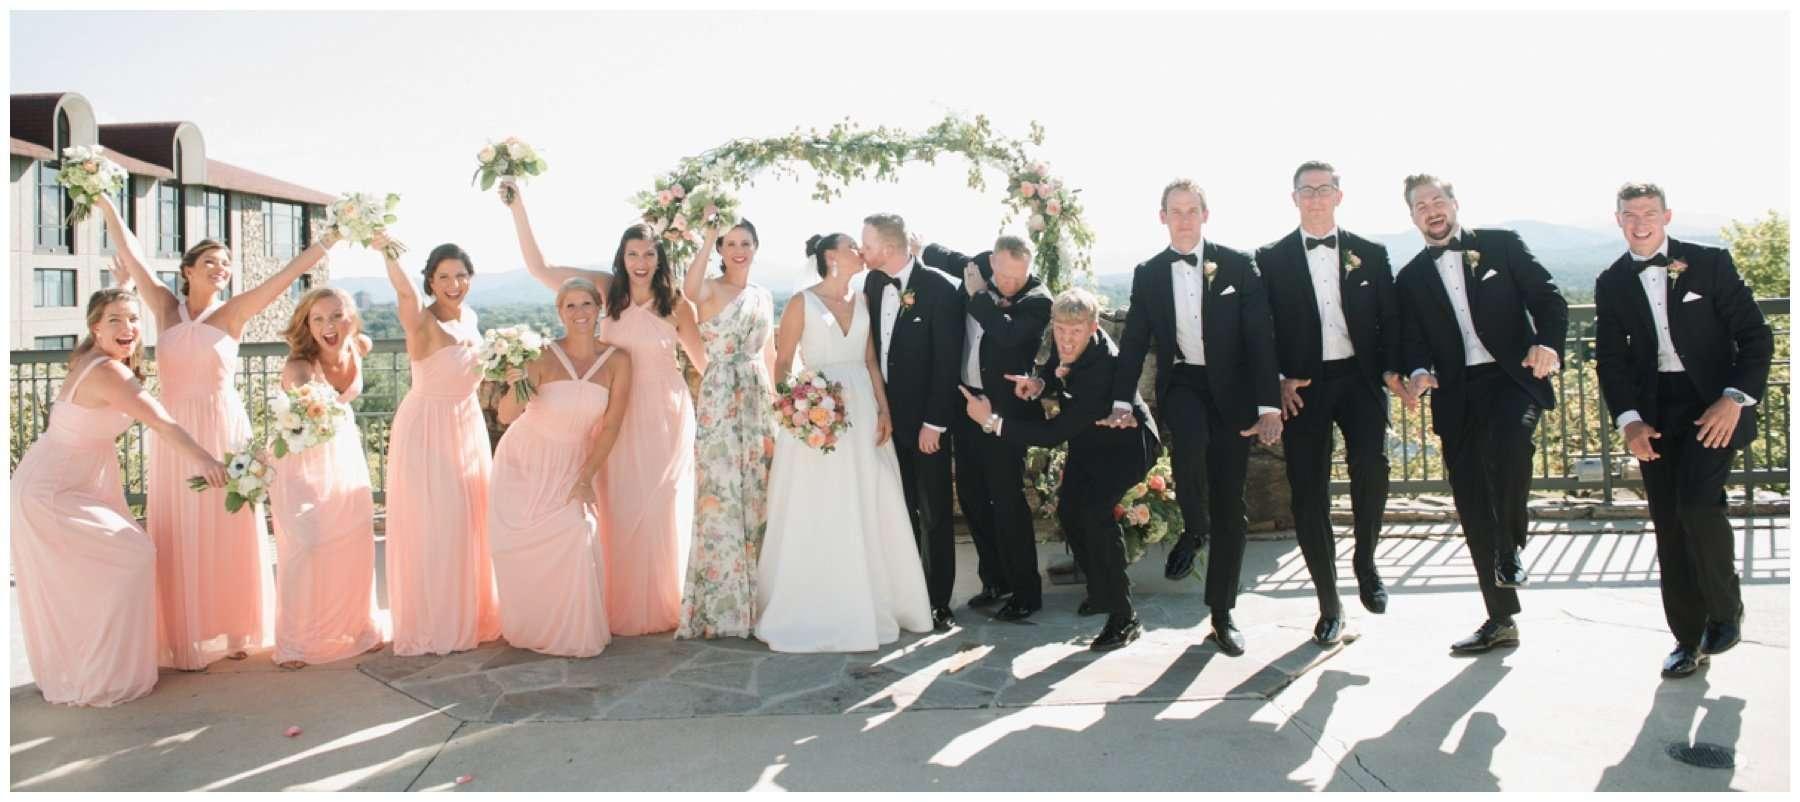 Grove Park Inn Wedding